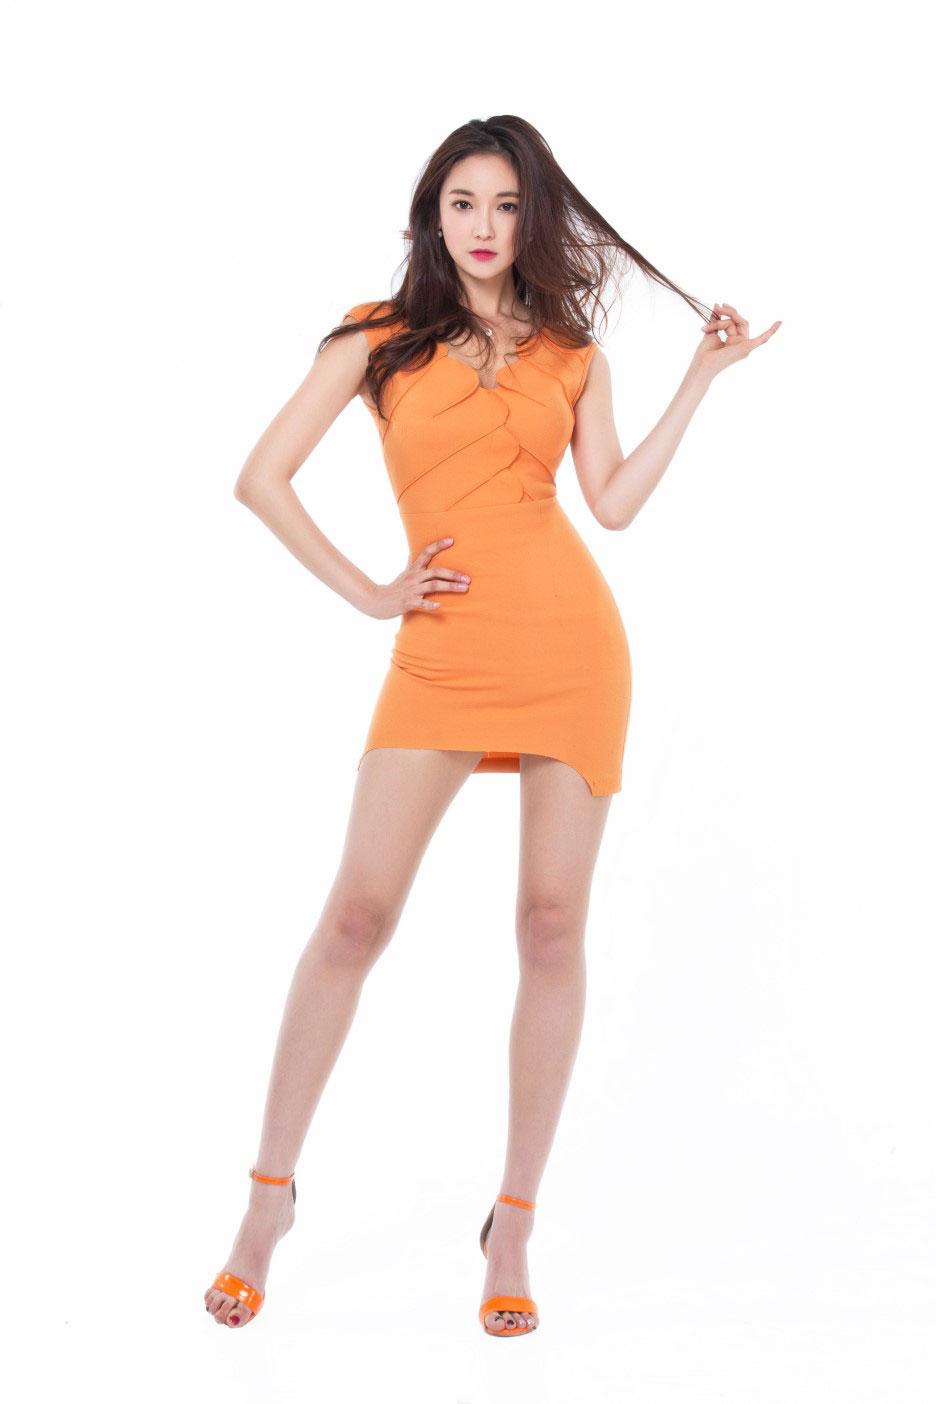 Moon Ga Kyung OMG Rainbow broadcast show